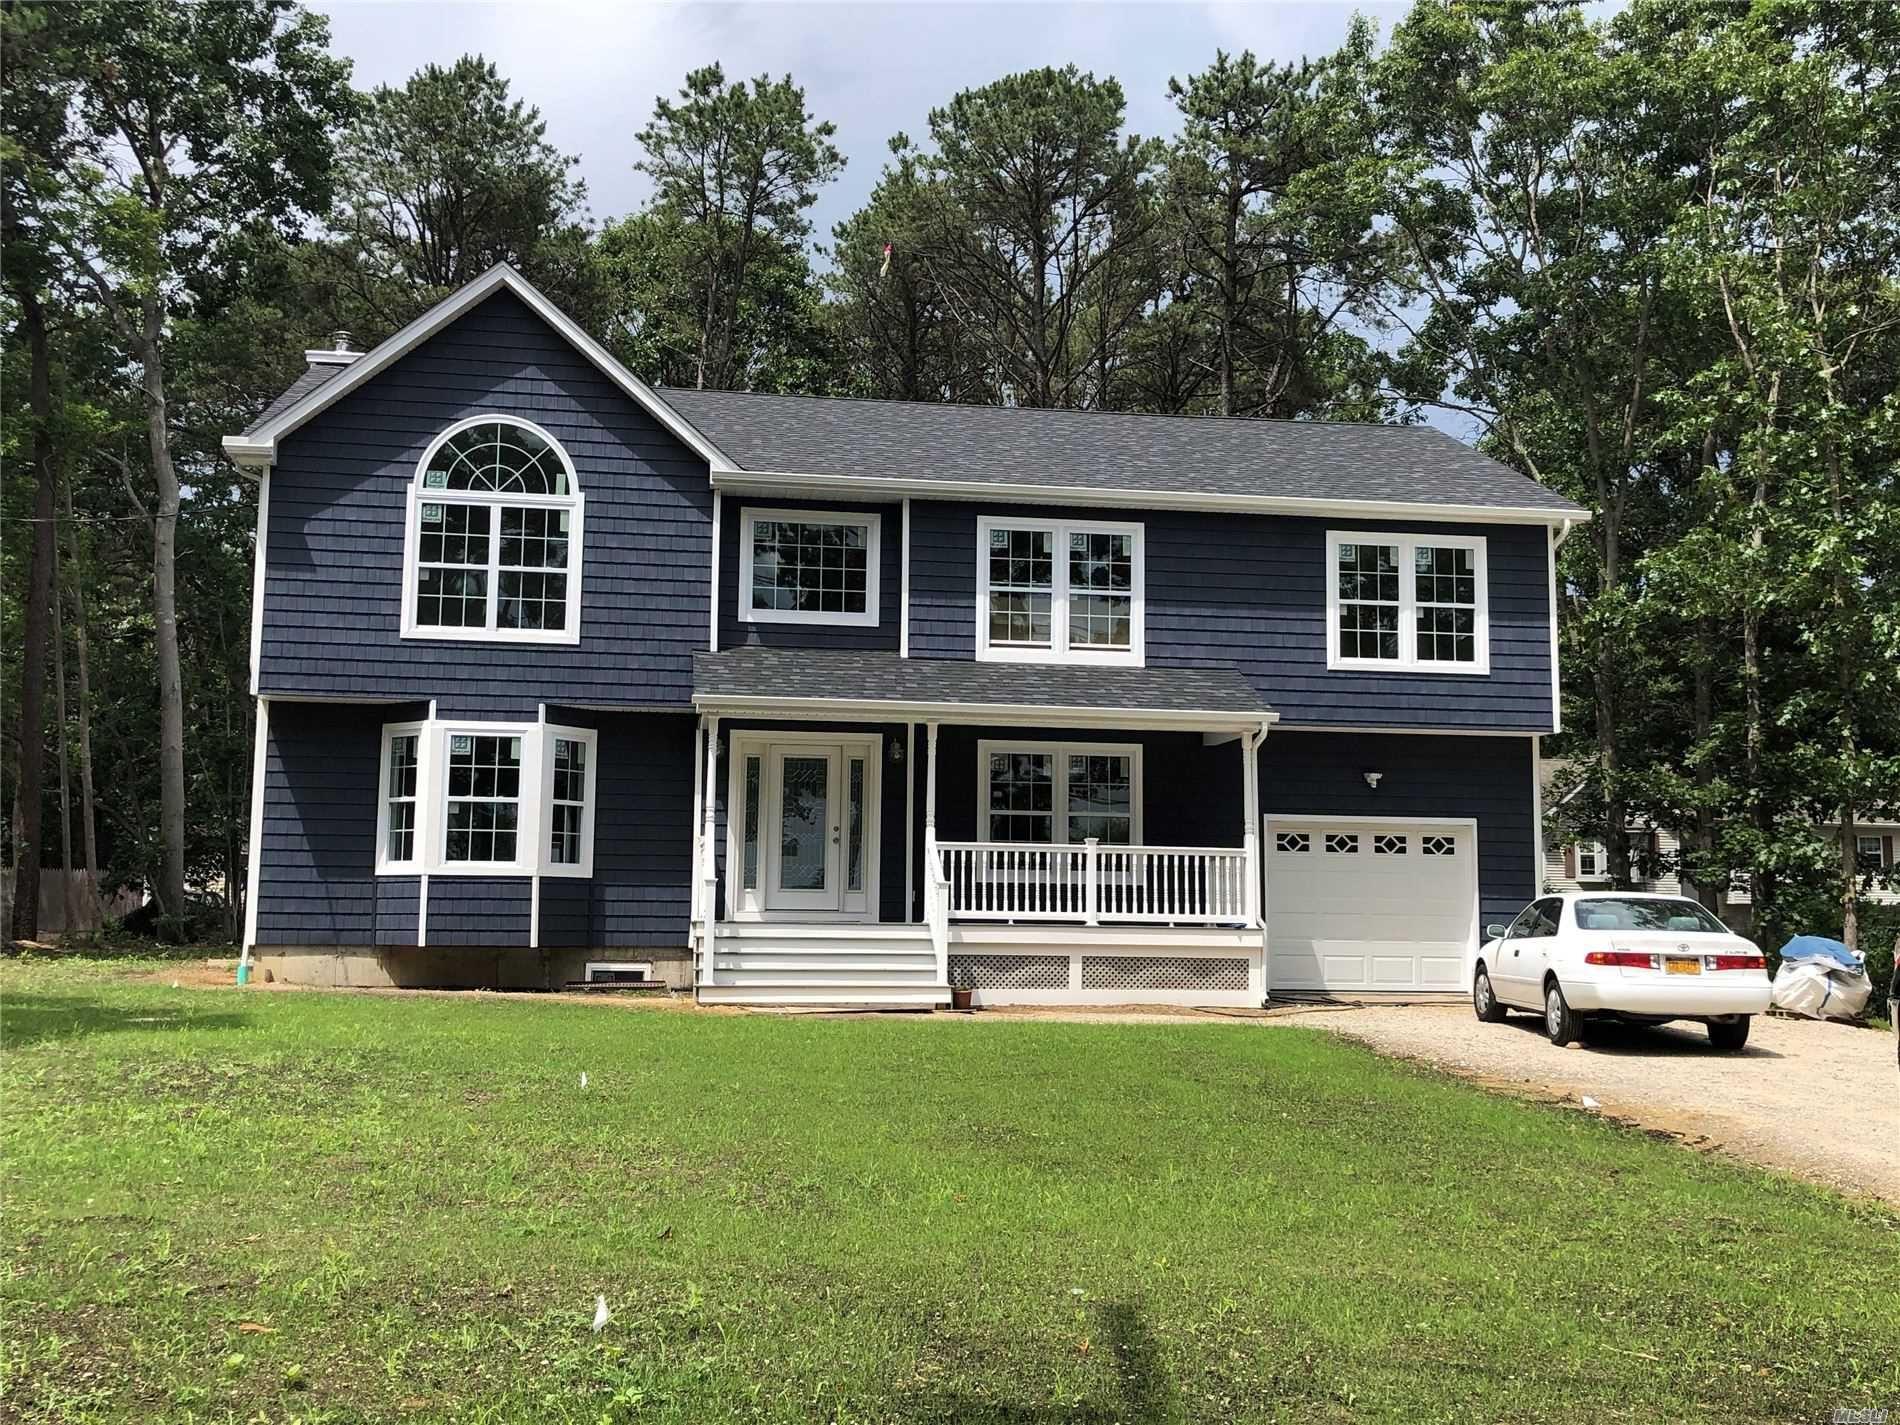 611A Granny, Medford, NY 11763 - MLS#: 3237636